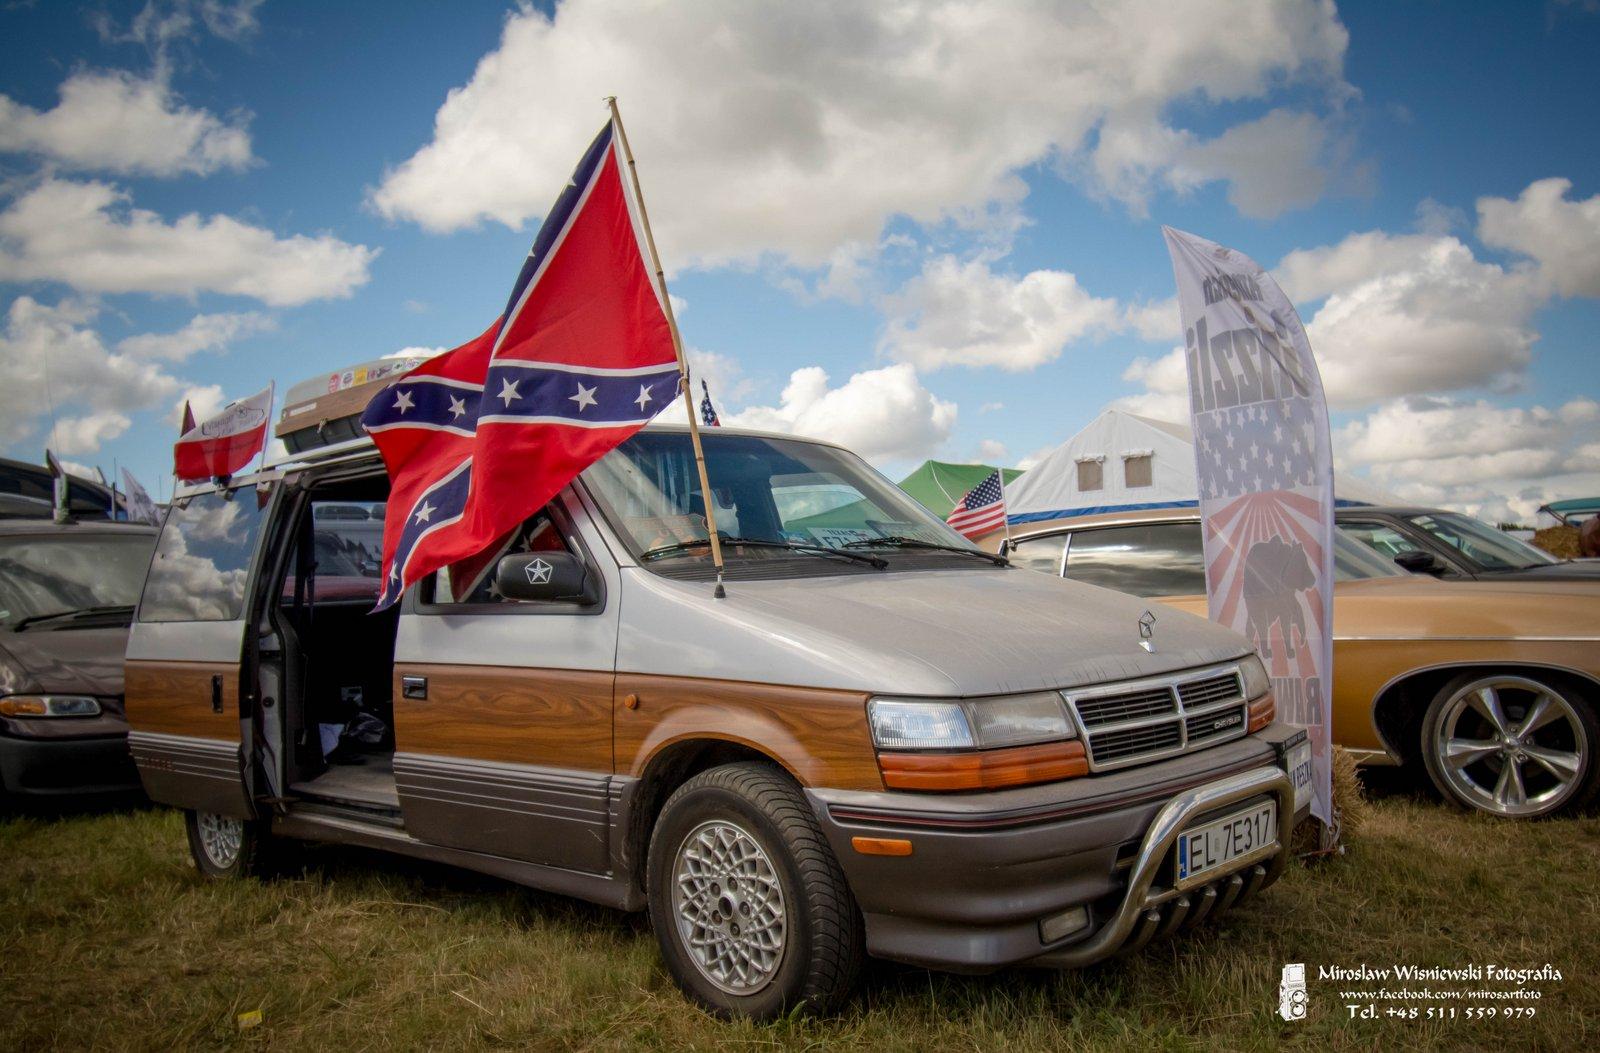 American Cars Mania 2018 , Oleśnica. Foto Mirosław Wiśniewski